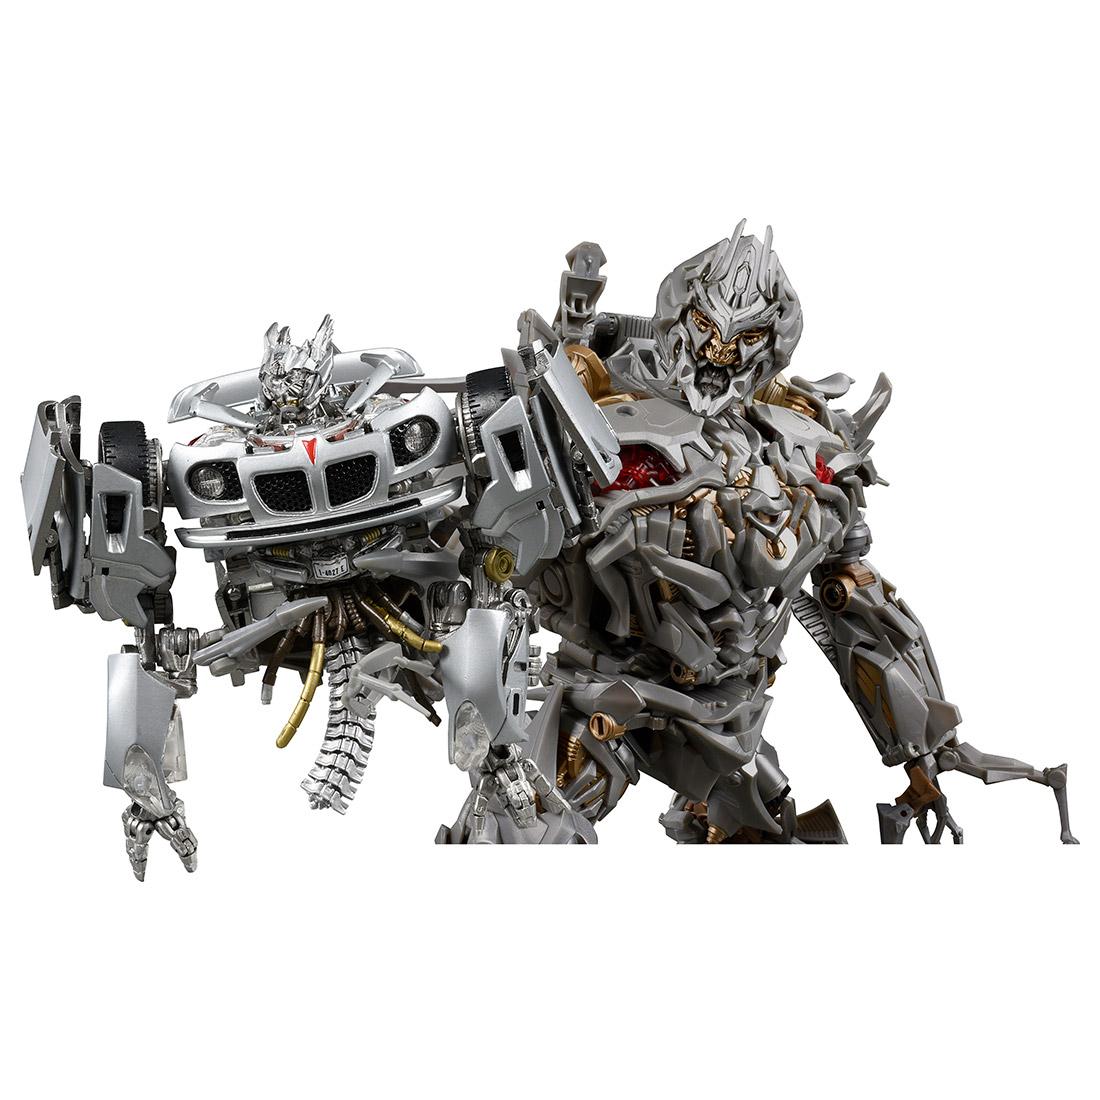 マスターピース『MPM-9 オートボットジャズ』トランスフォーマー 可変可動フィギュア-006